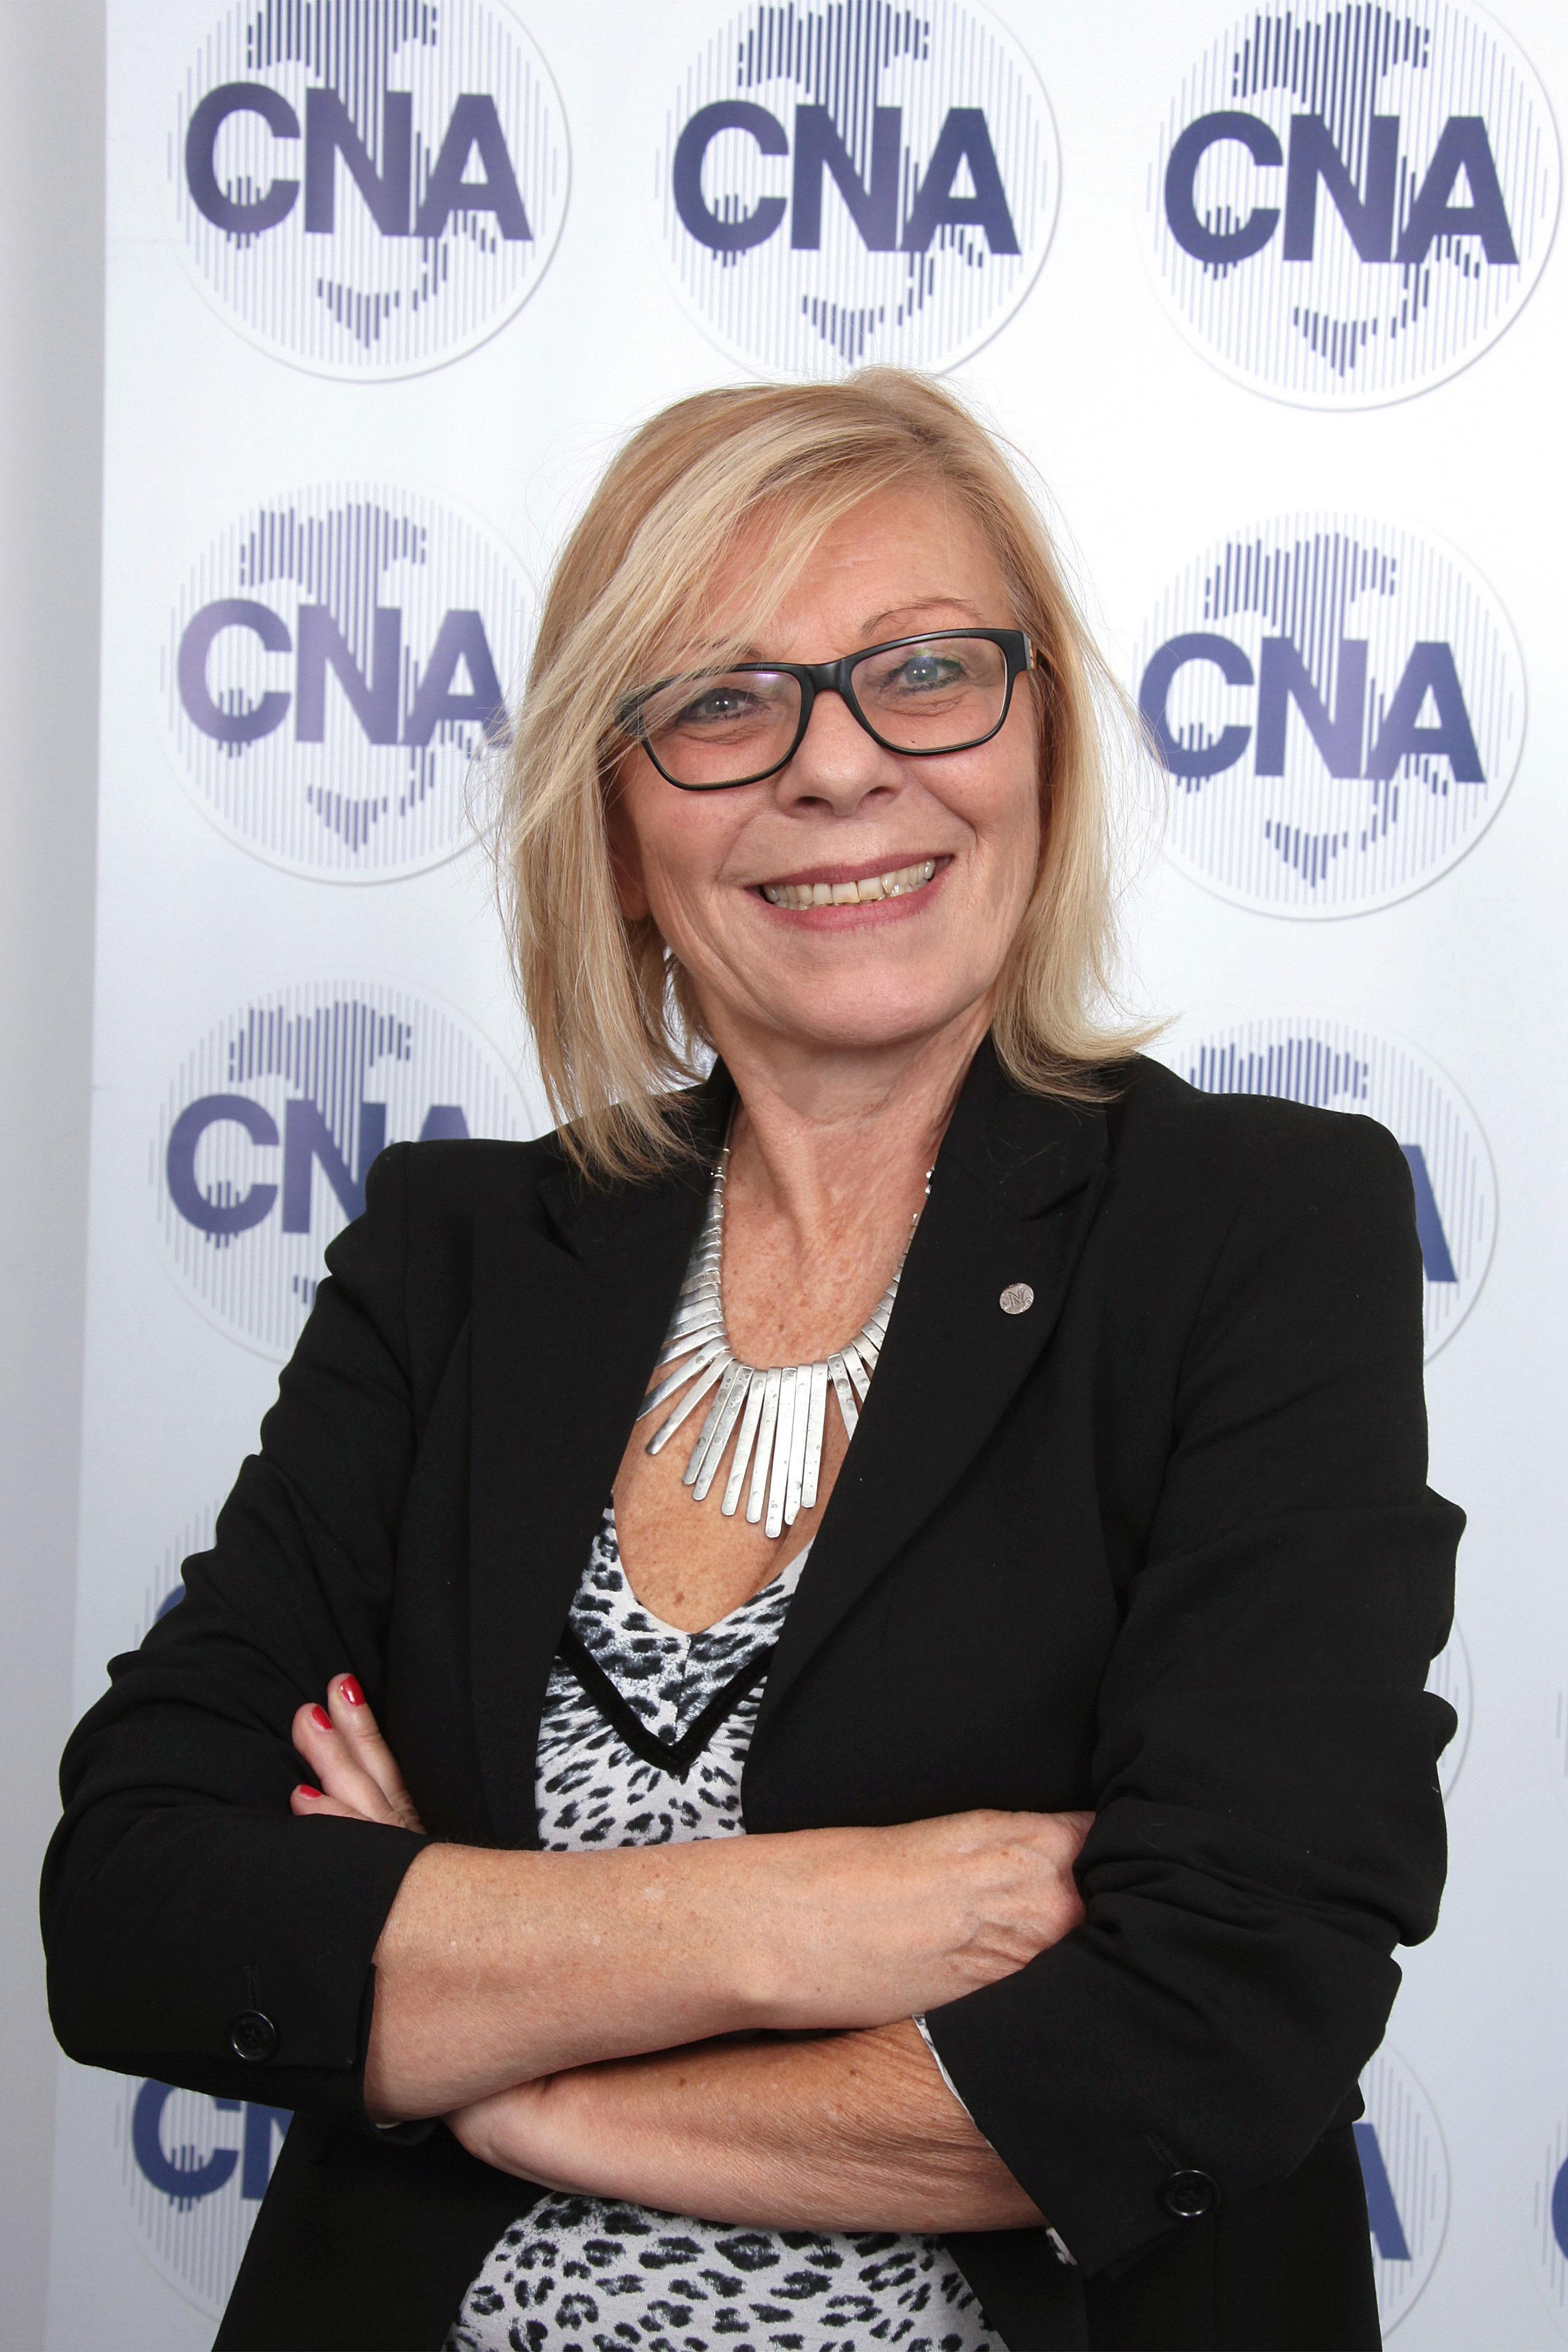 Sansoni Paola - Vice Presidente